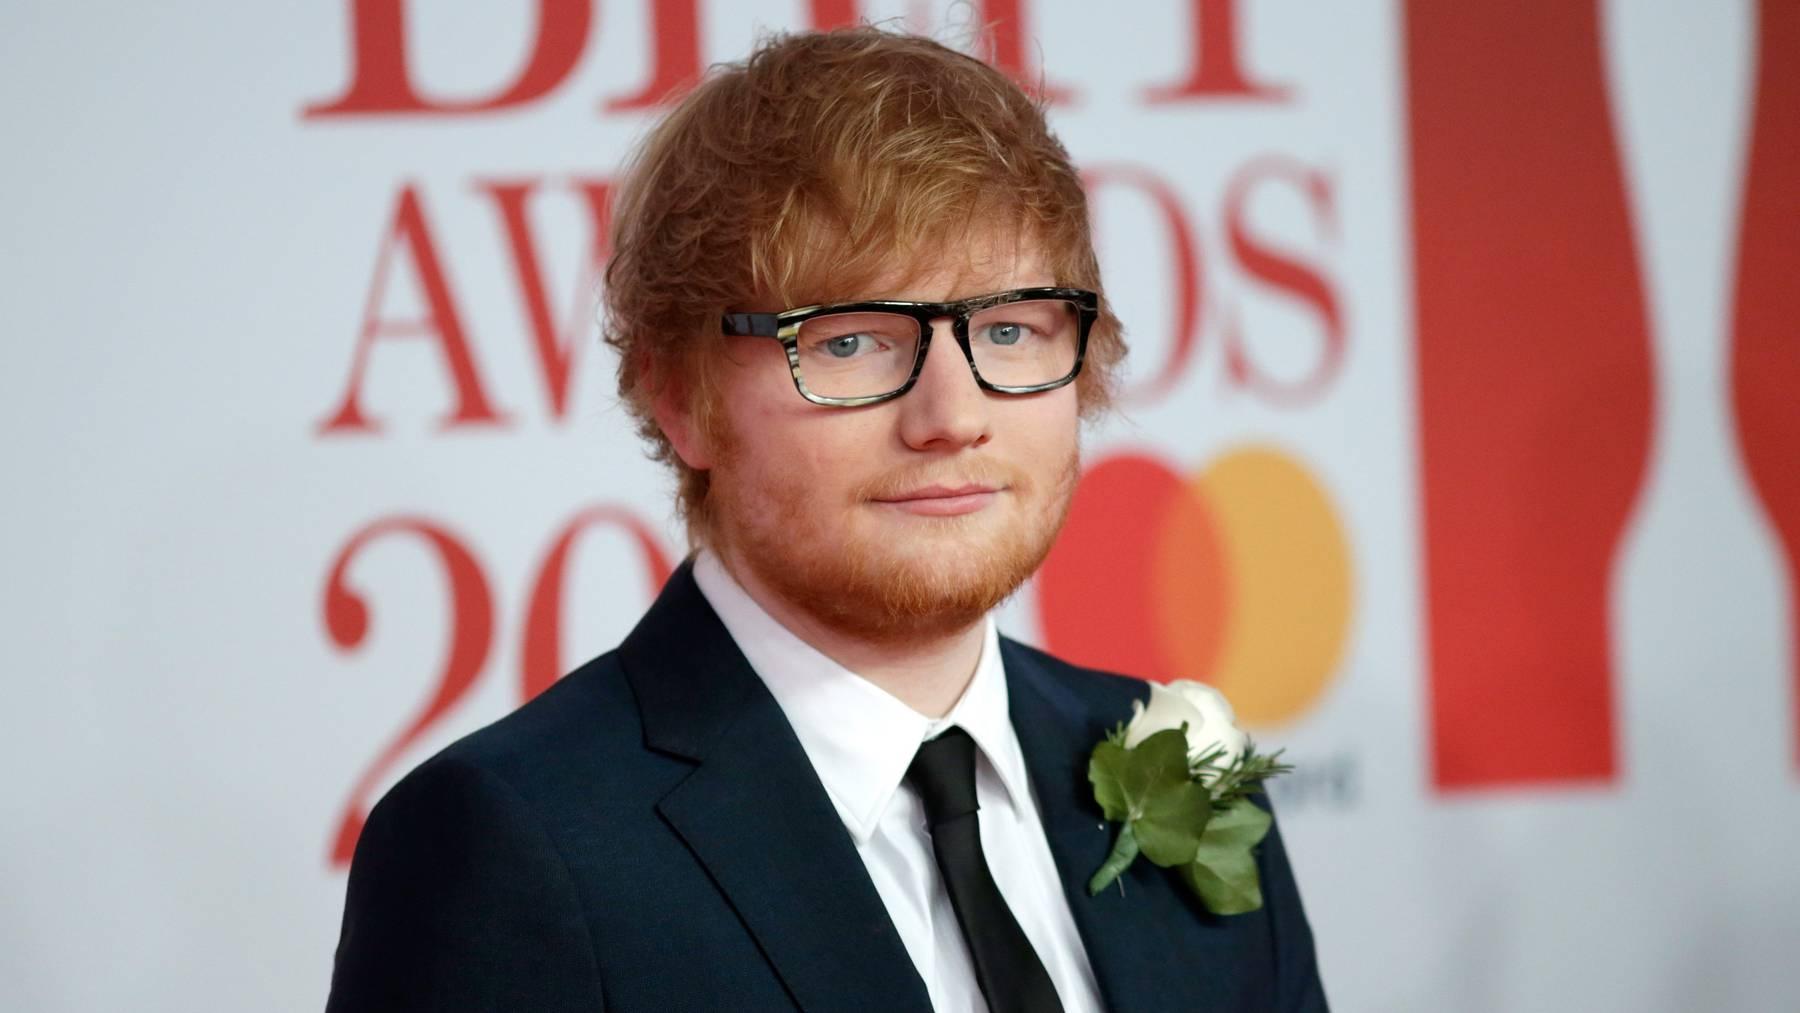 Ed Sheeran hat das meistgeklickte Video 2018 gemacht.